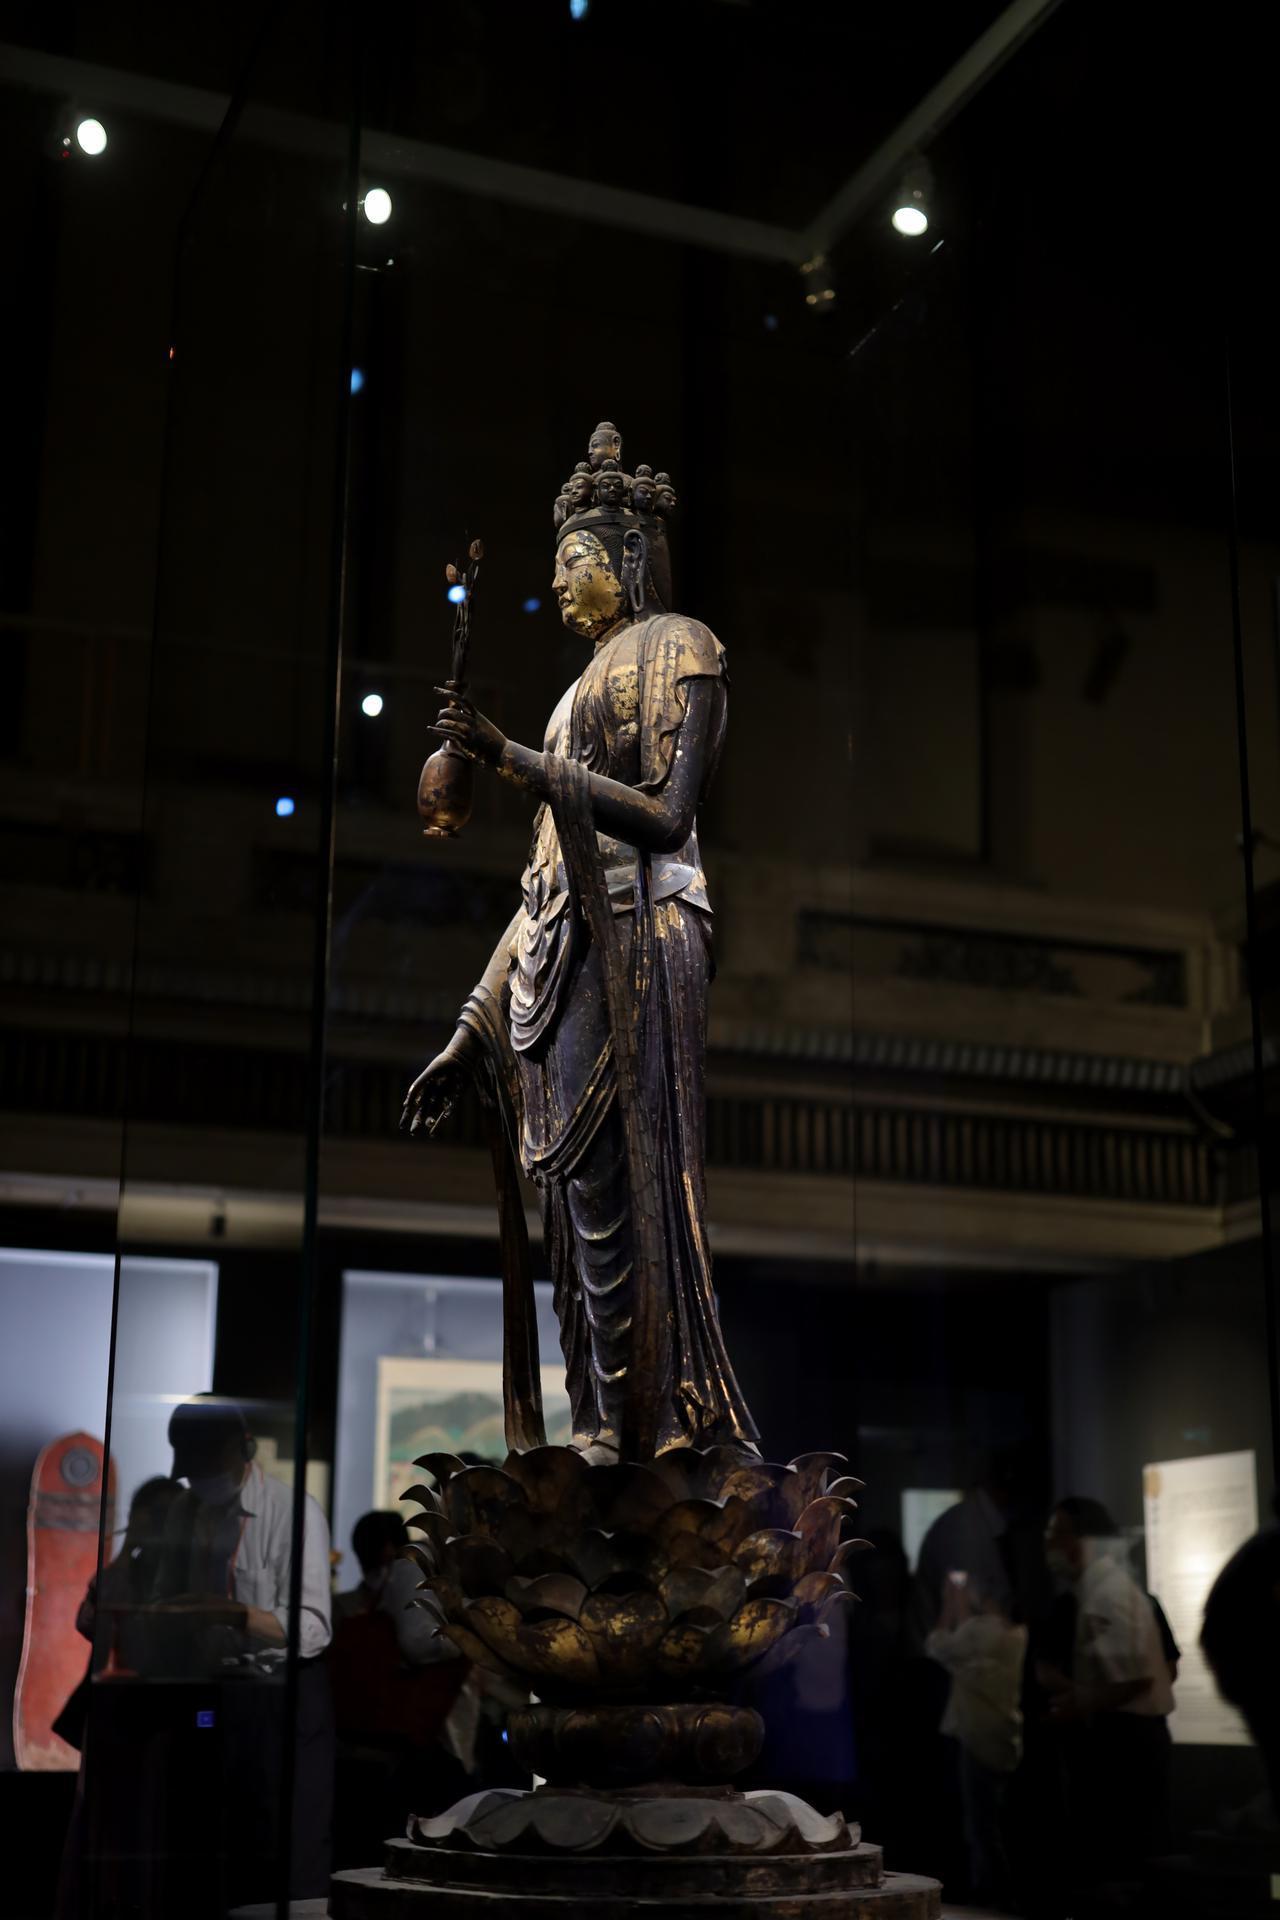 画像4: 国宝 十一面観音菩薩立像 奈良時代・8世紀 奈良・聖林寺蔵